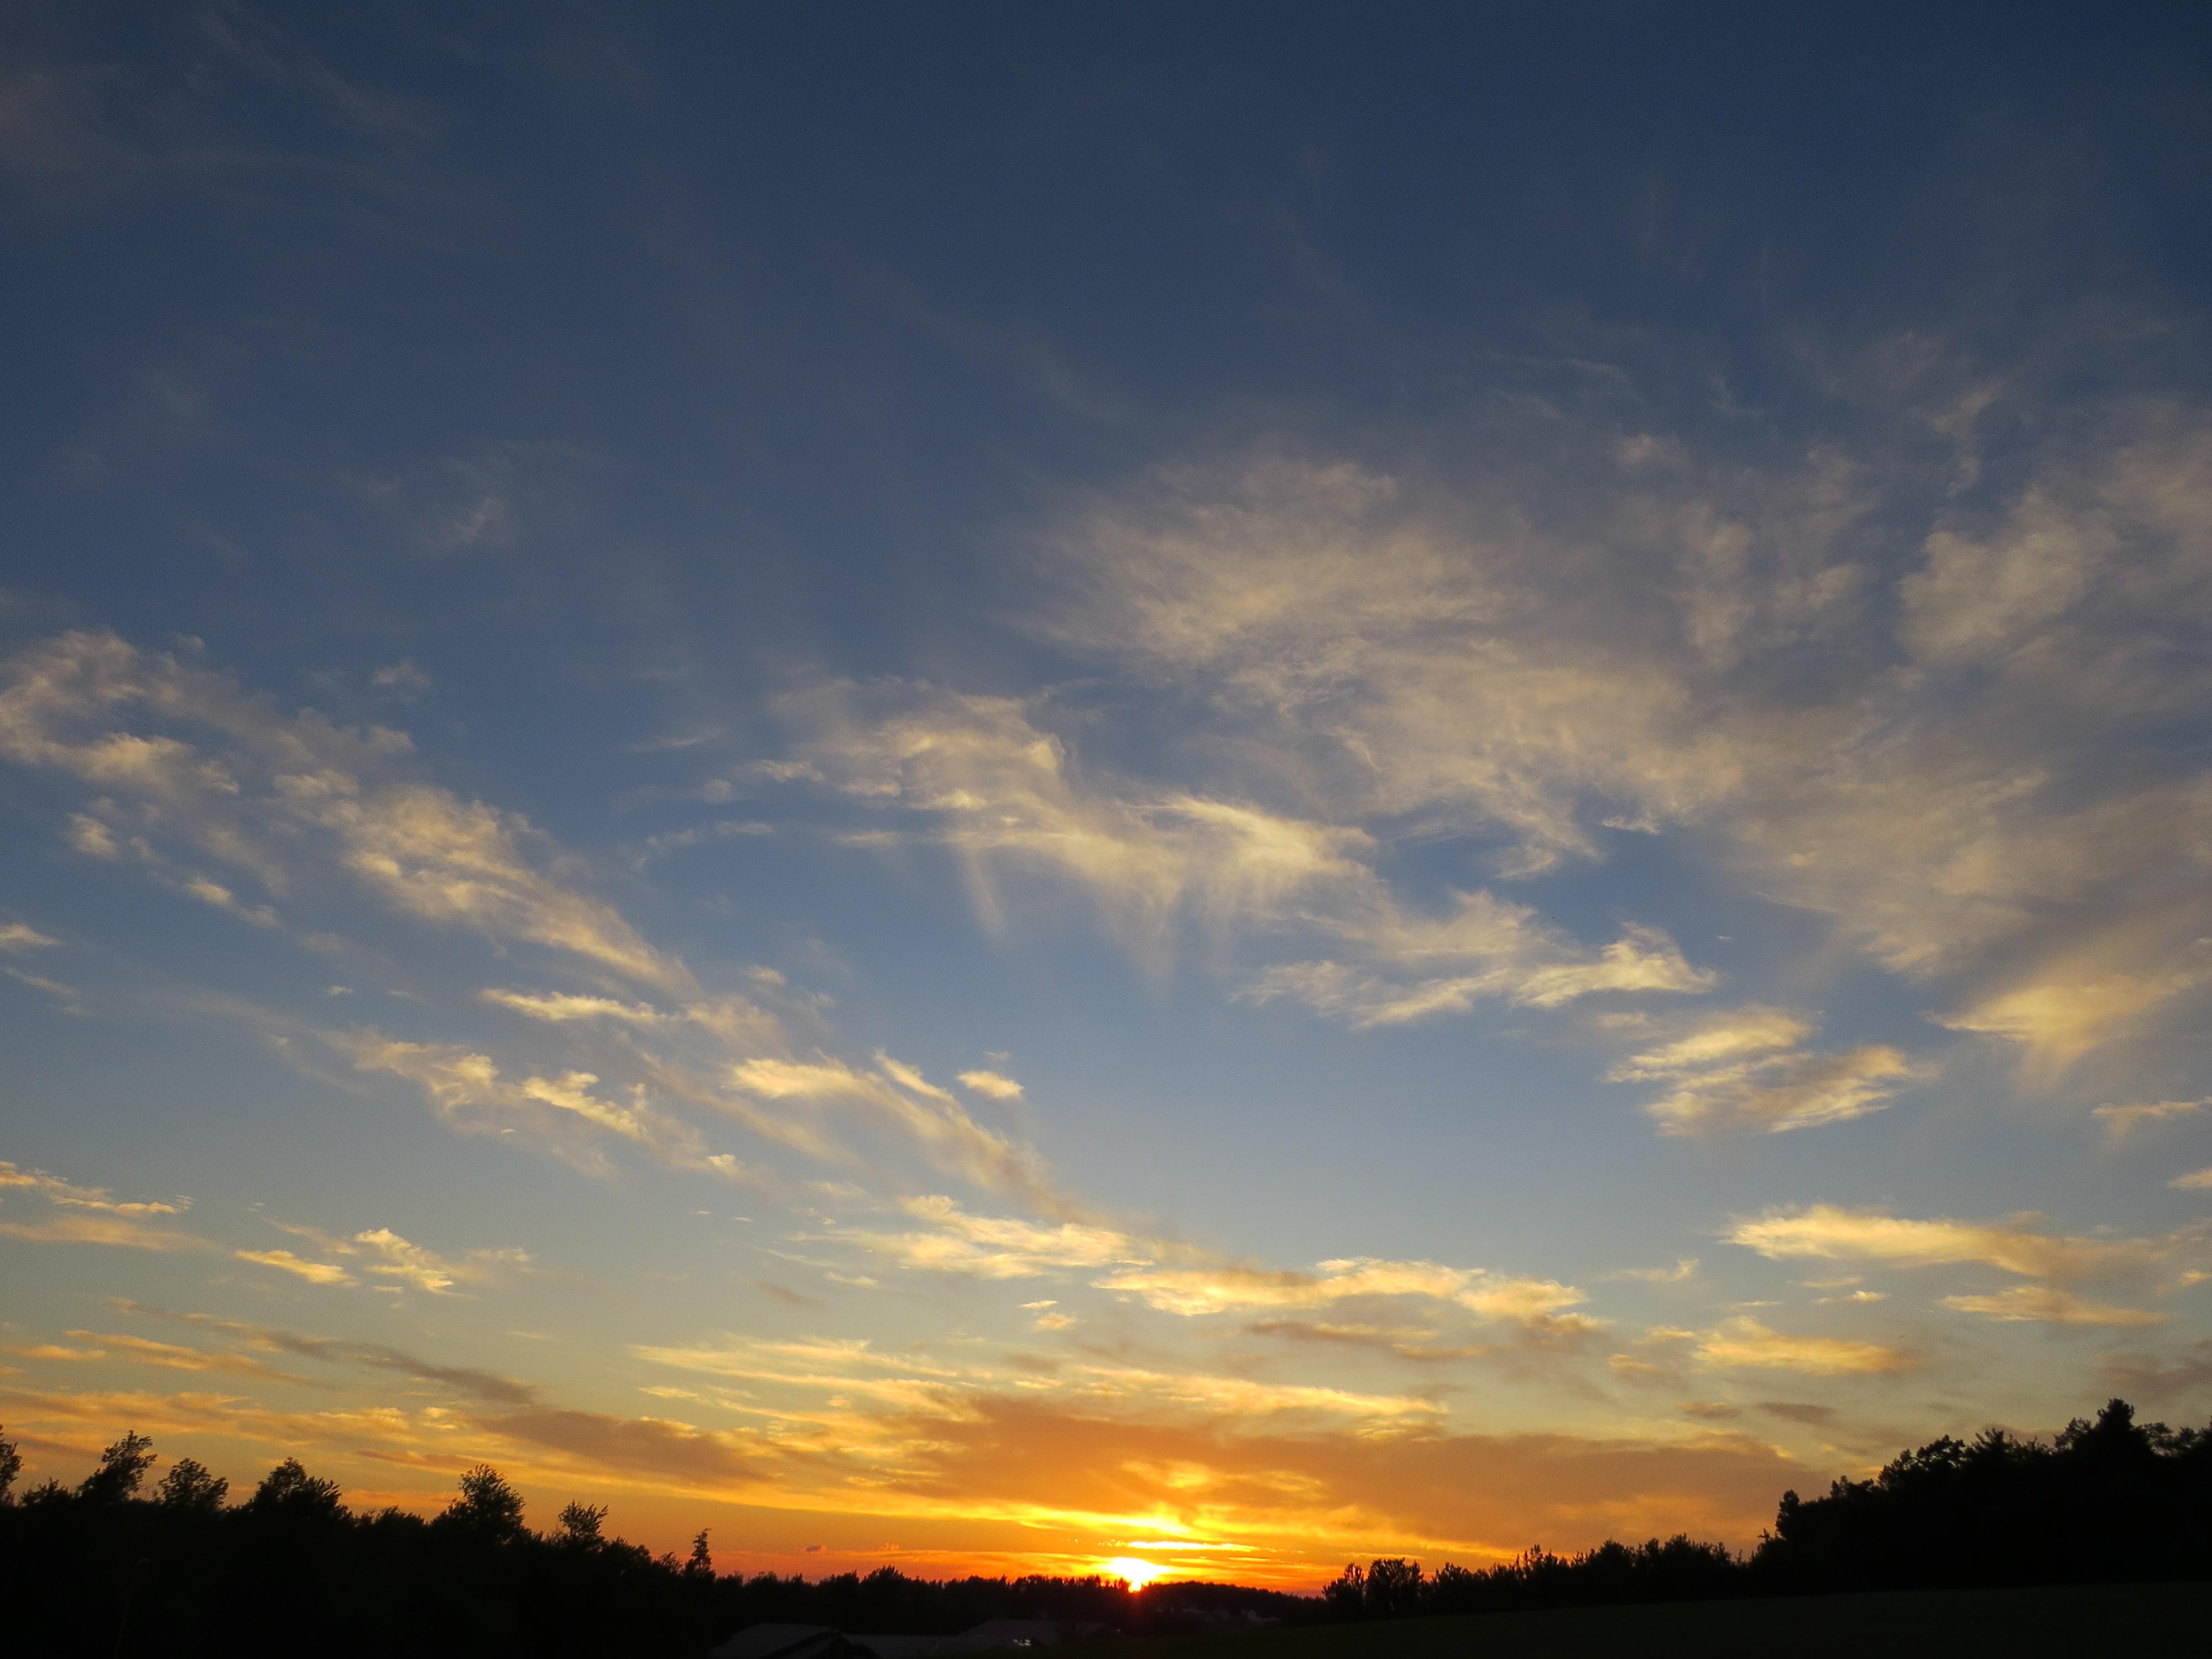 July sunset